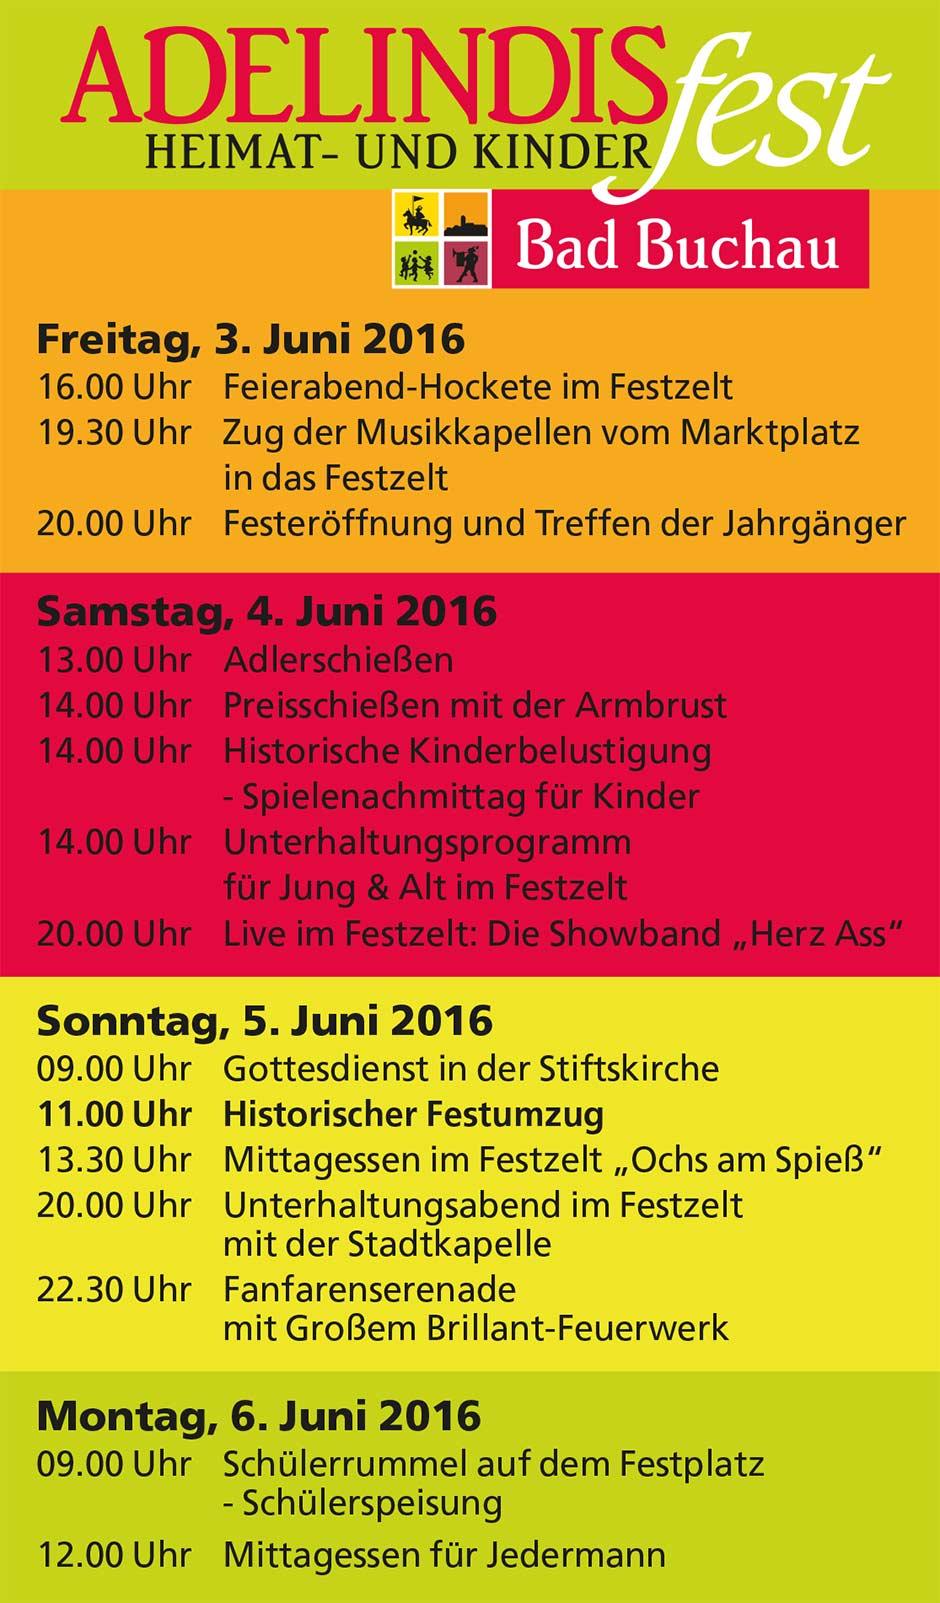 adelindisfest-bad-buchau-2016